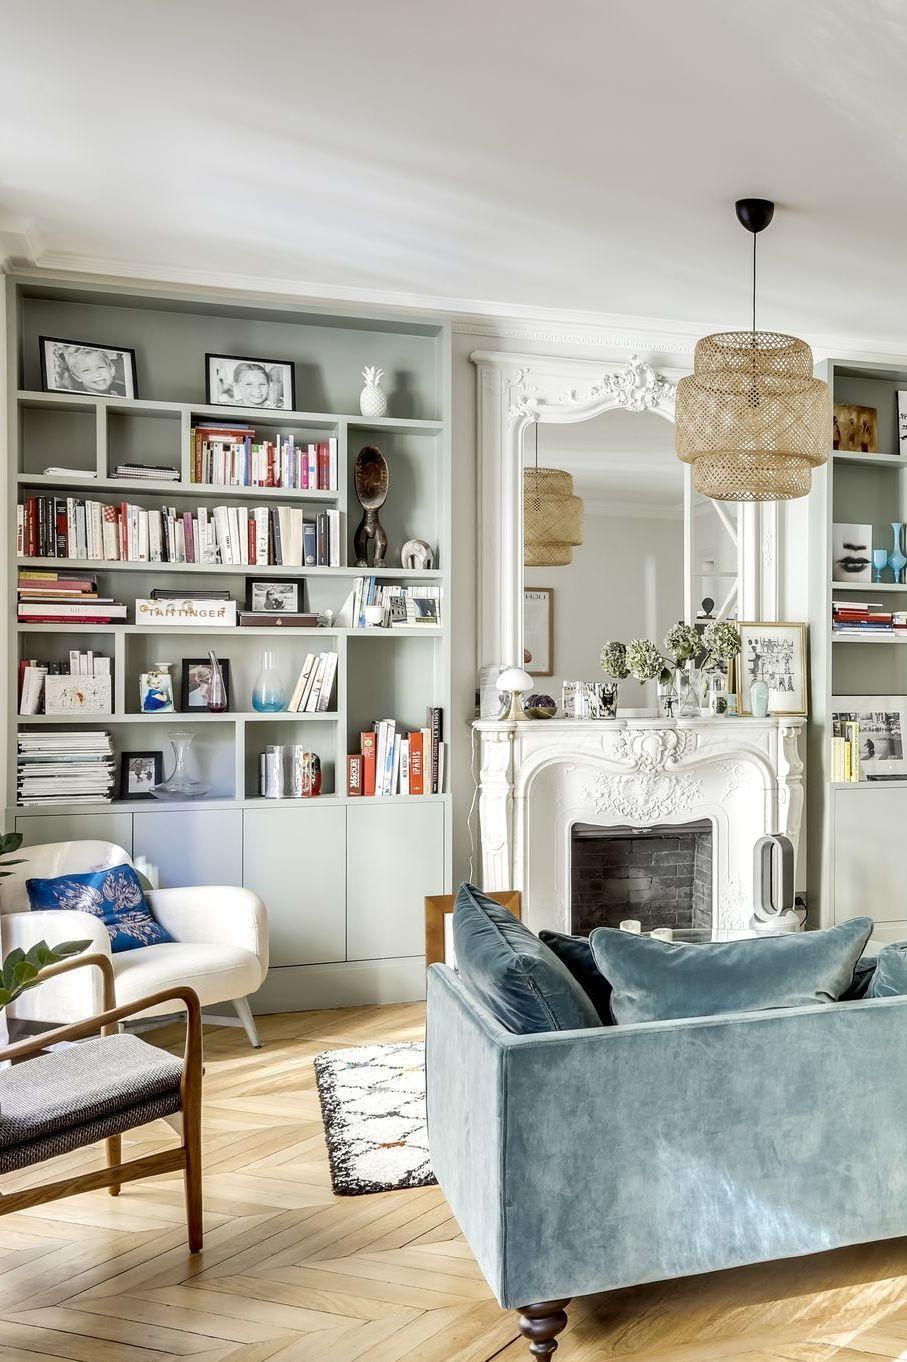 Appartement Paris 16 Un 120 M2 Haussmannien Devient Cocon Familial Appartement Cocon Devient Famil In 2020 Parisian Living Room Cheap Home Decor Parisian Decor #paris #style #living #room